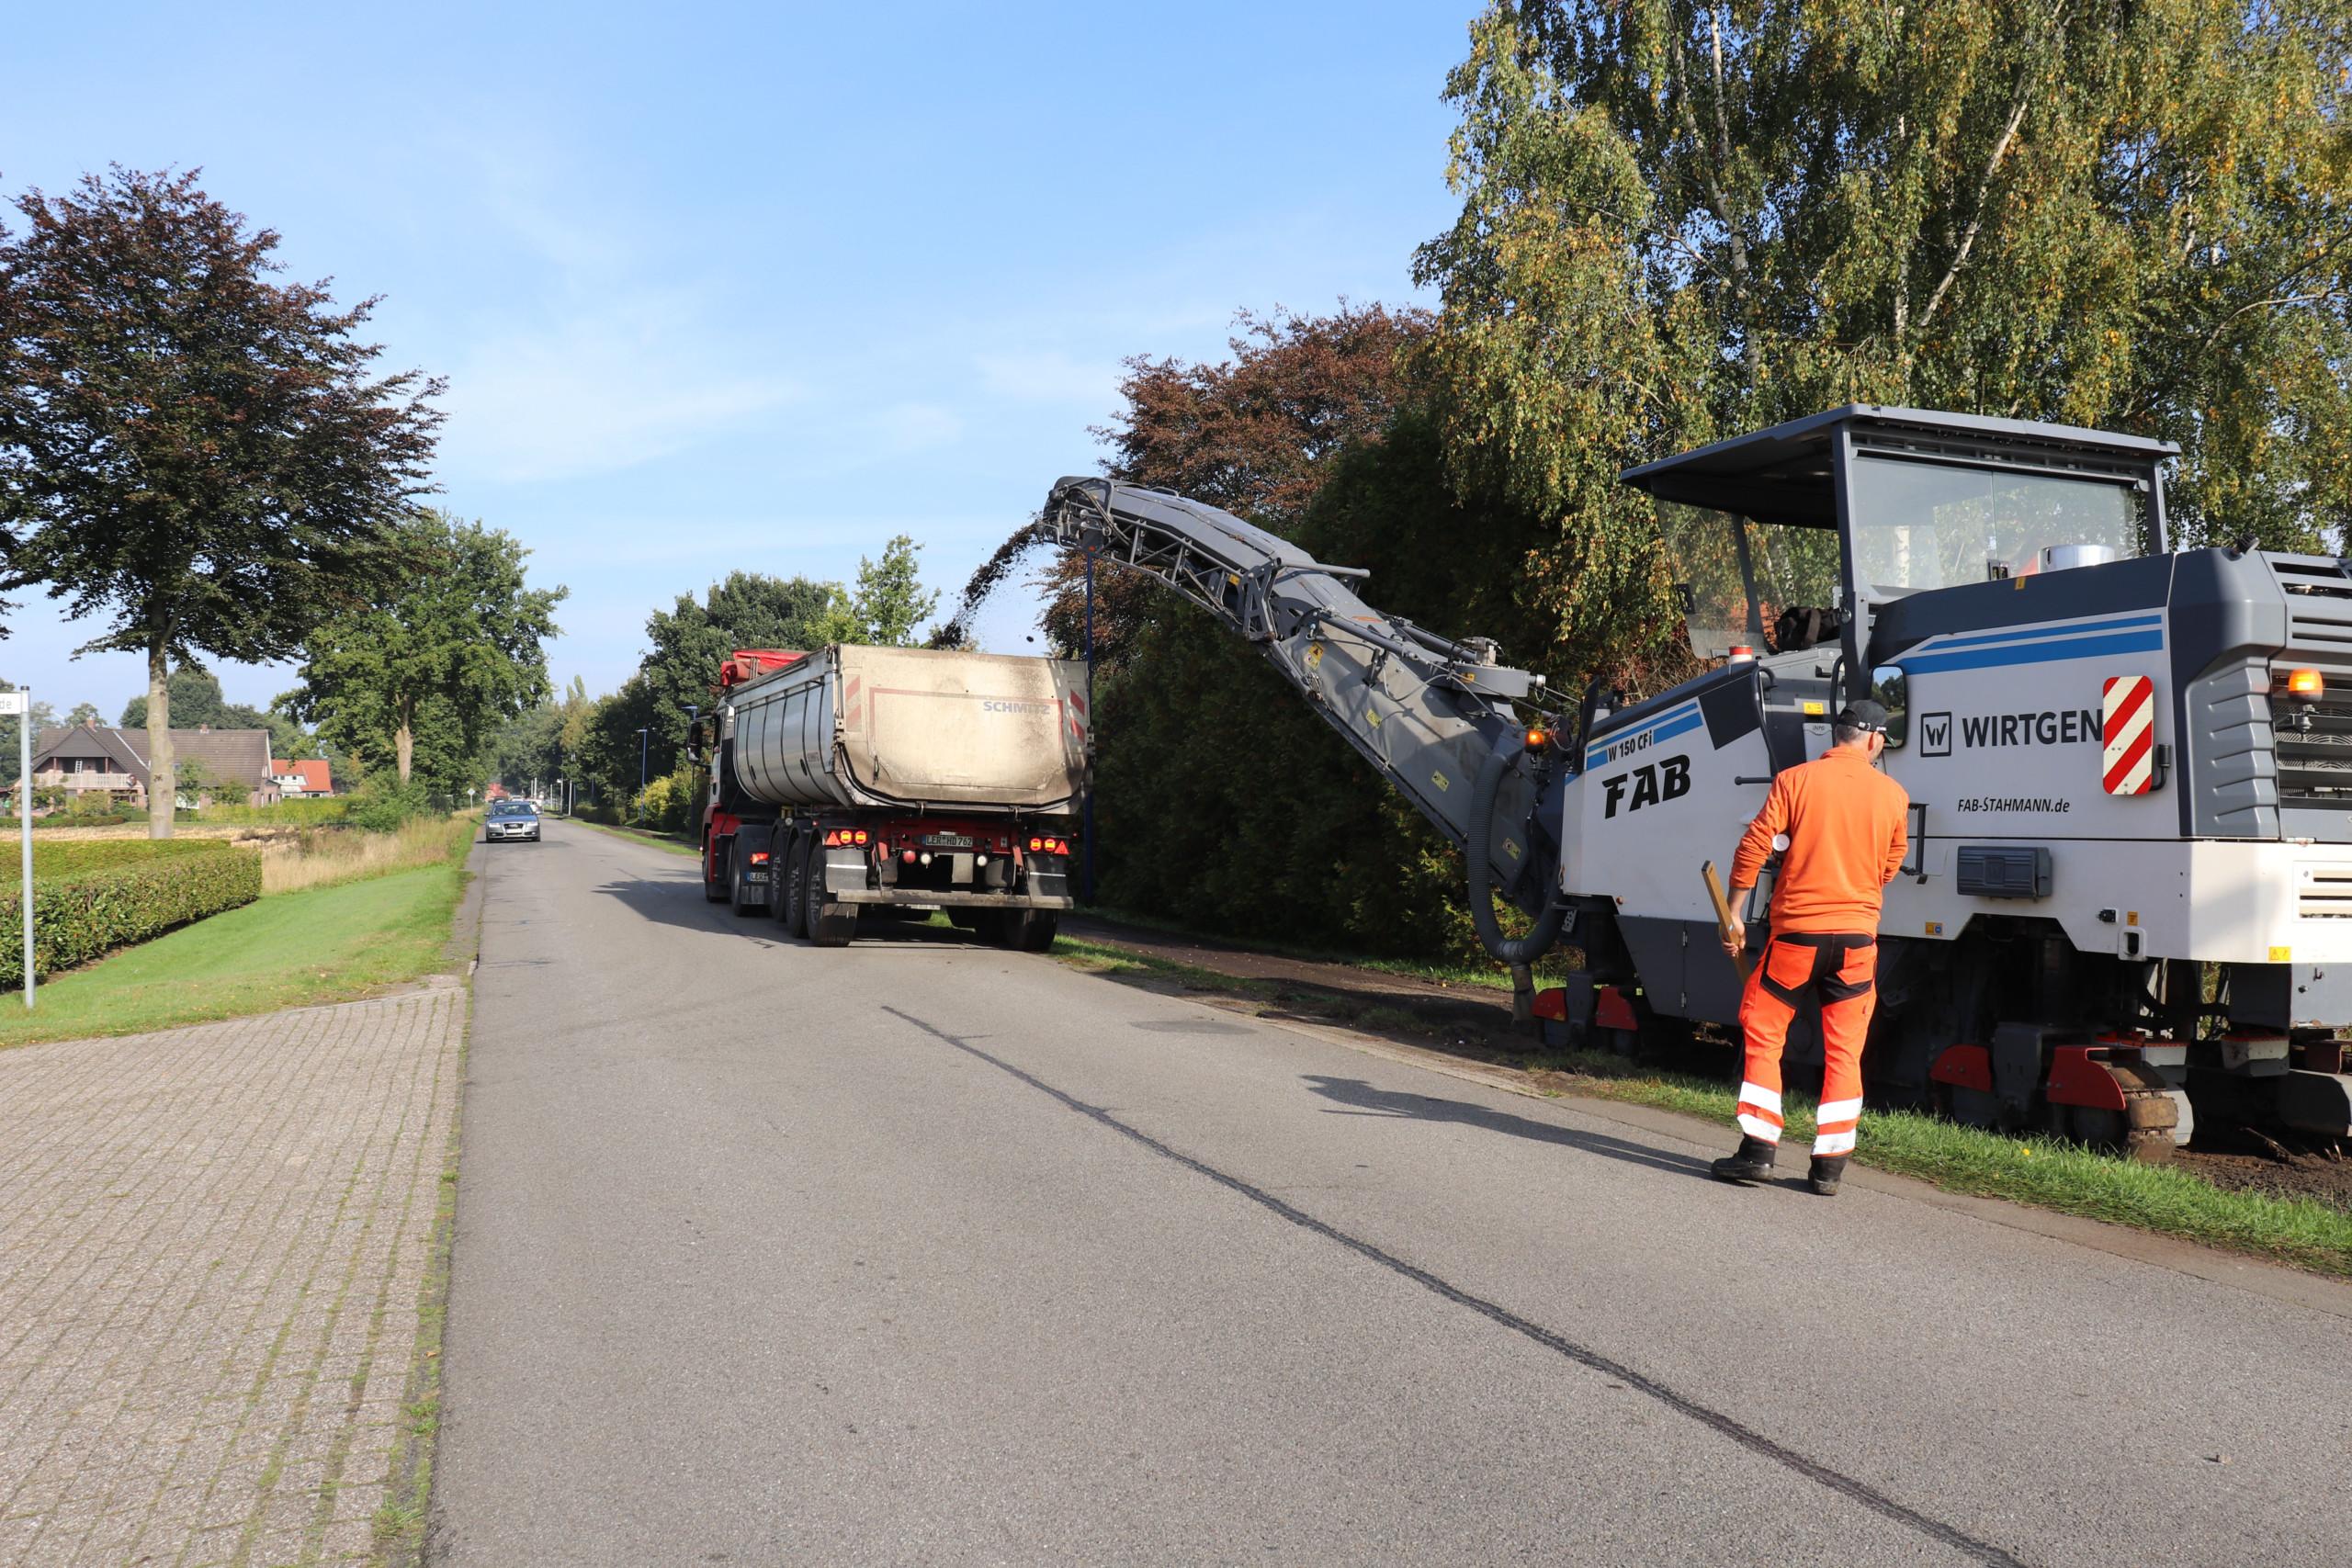 Mit einer Asphaltfräse wird die Asphaltdecke des Fahrradweges an der Westmarkstraße abgetragen. Aufnahme: Wlodarczyk/Gemeinde Barßel